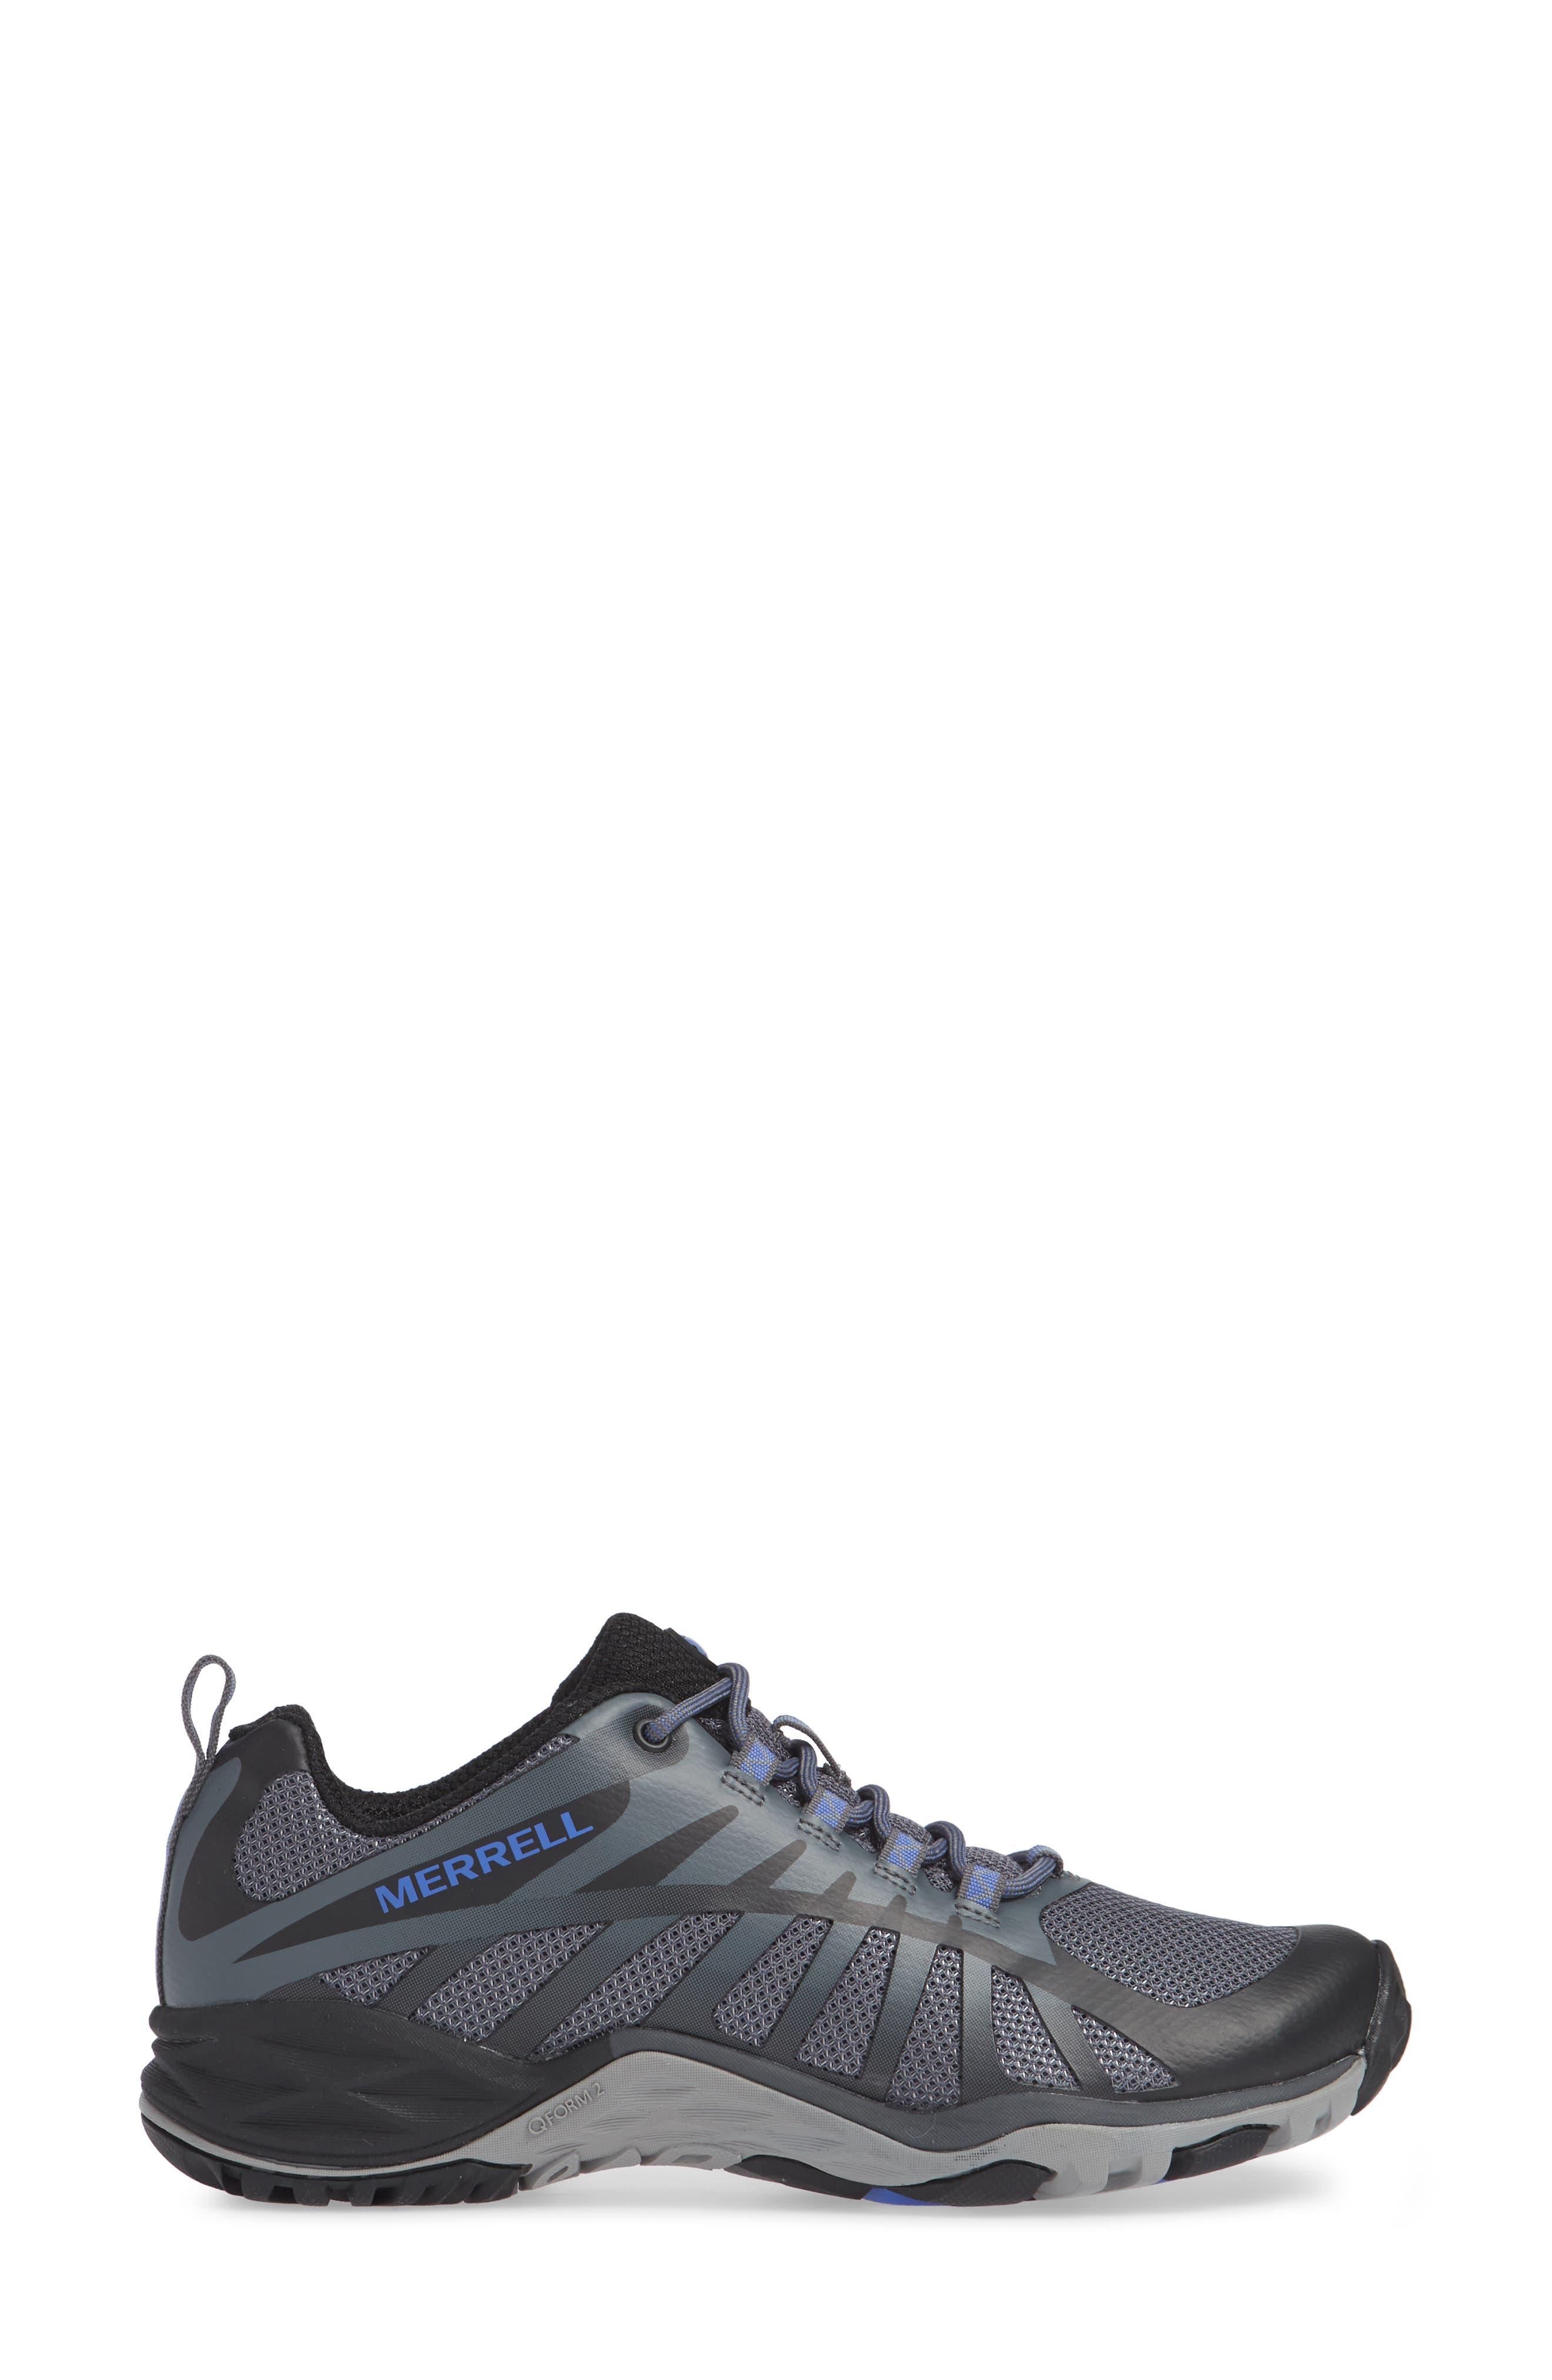 MERRELL, Siren Edge Q2 Hiking Shoe, Alternate thumbnail 3, color, BLACK FABRIC